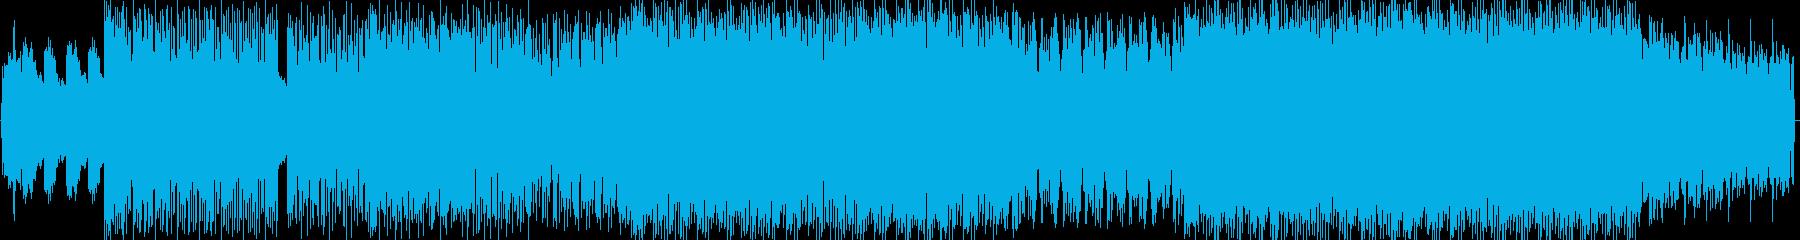 軽快で爽快なビッグビートの再生済みの波形